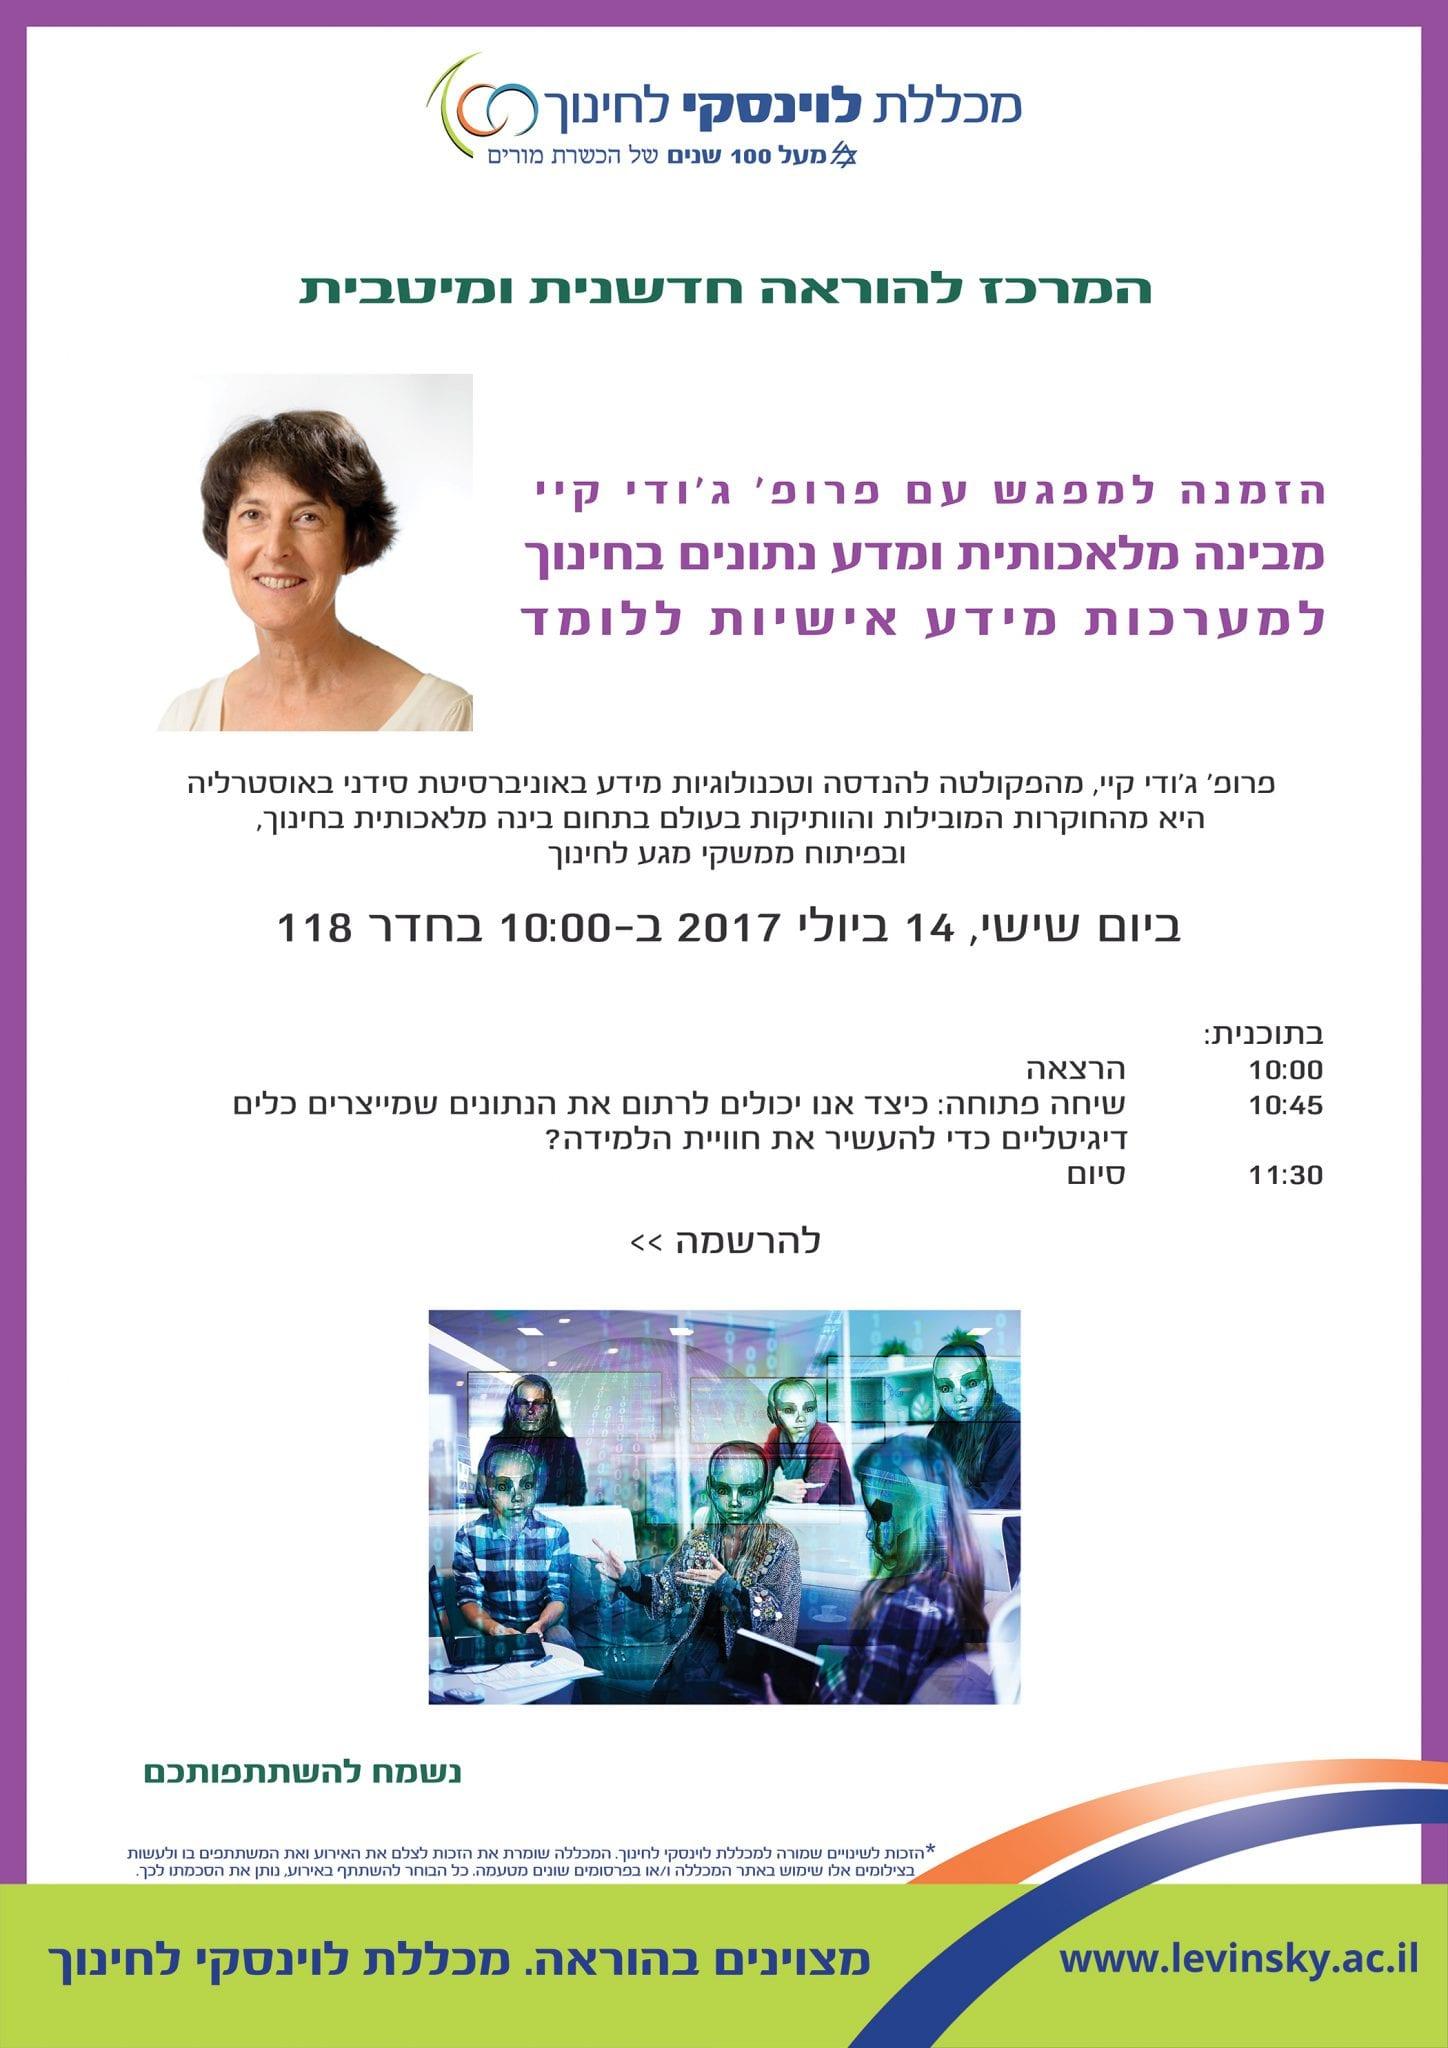 inv-14-7-2017